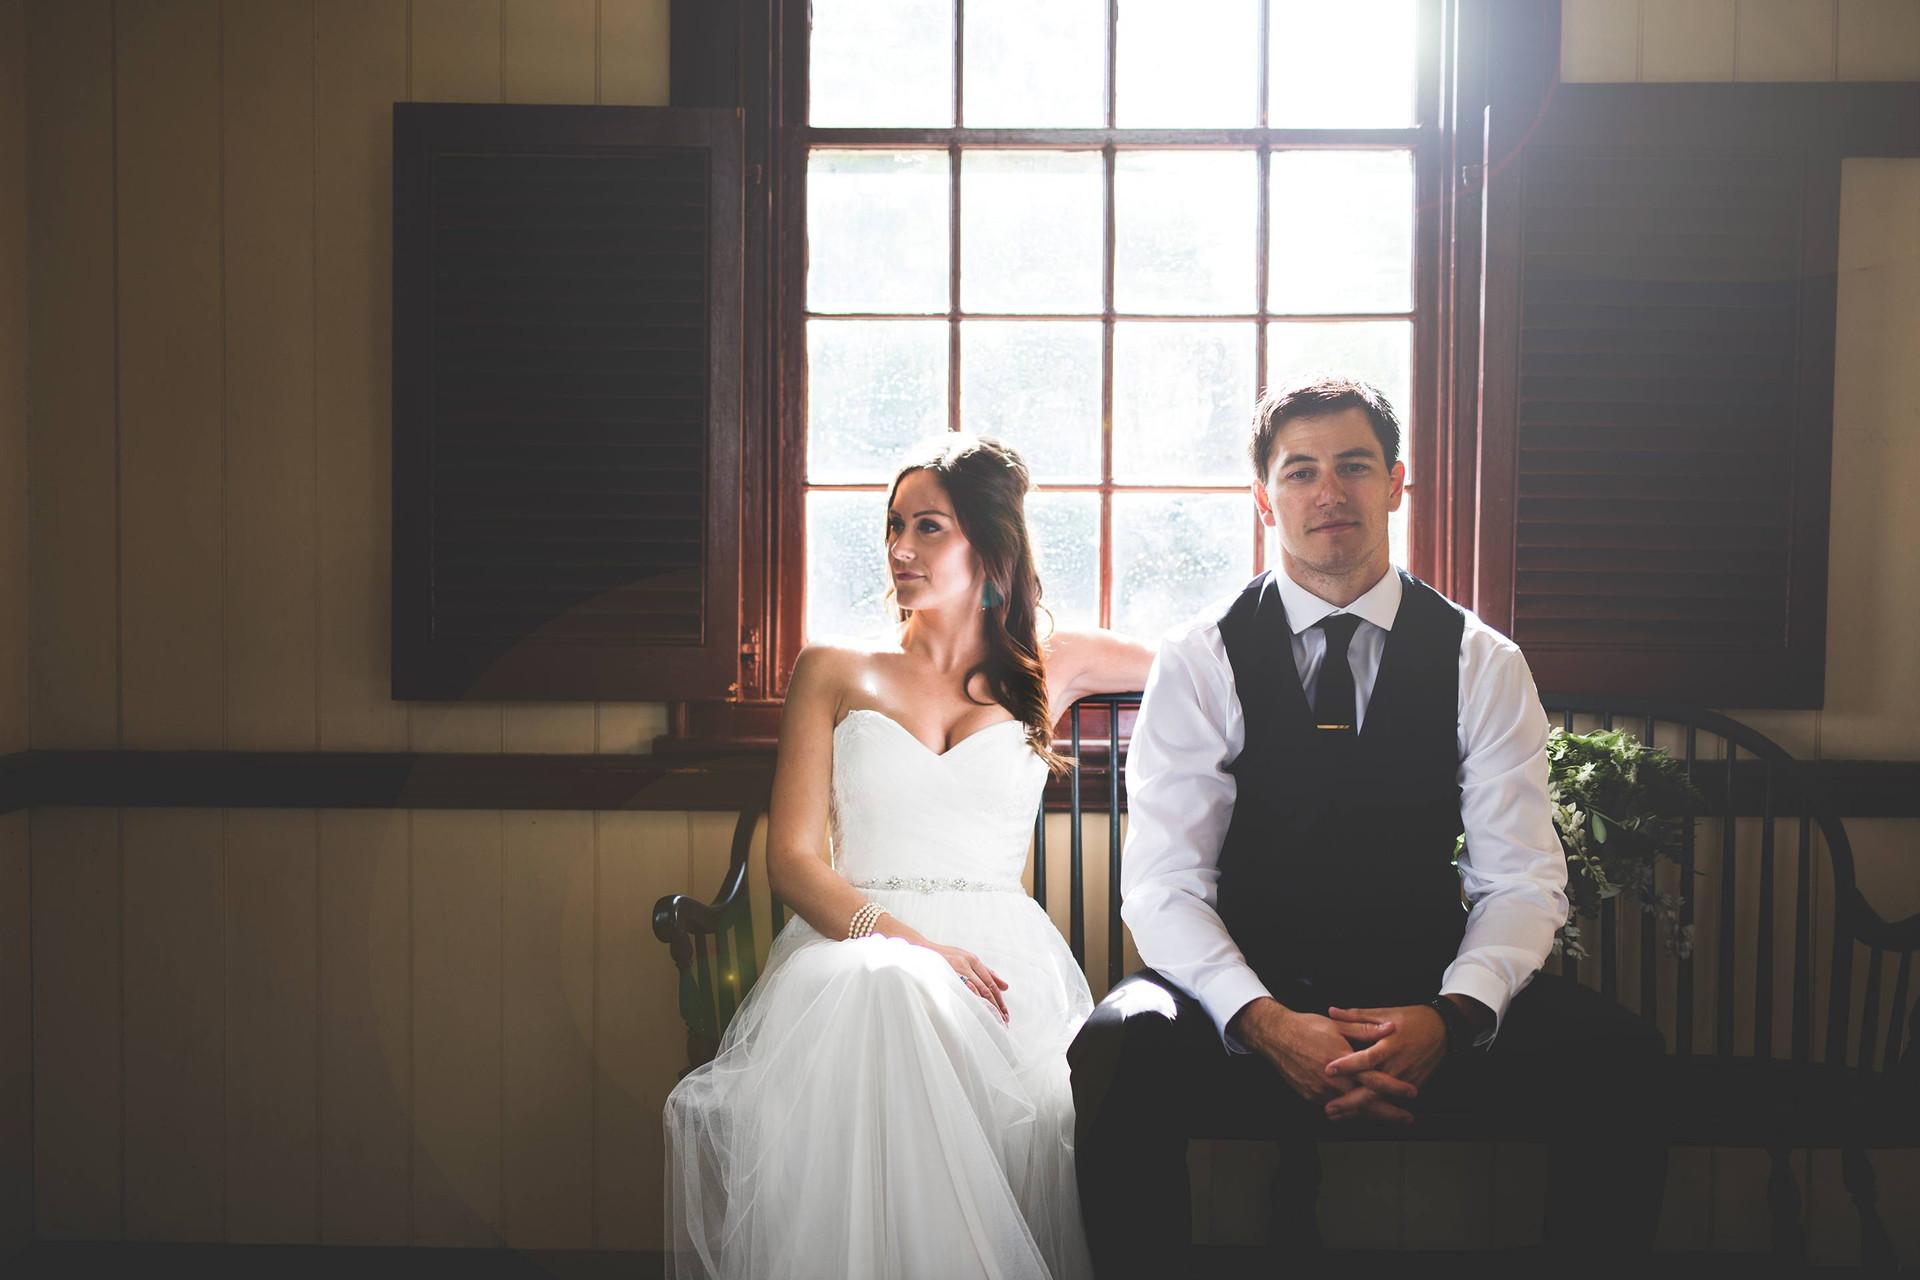 weddings-2017-6-rsp.jpg